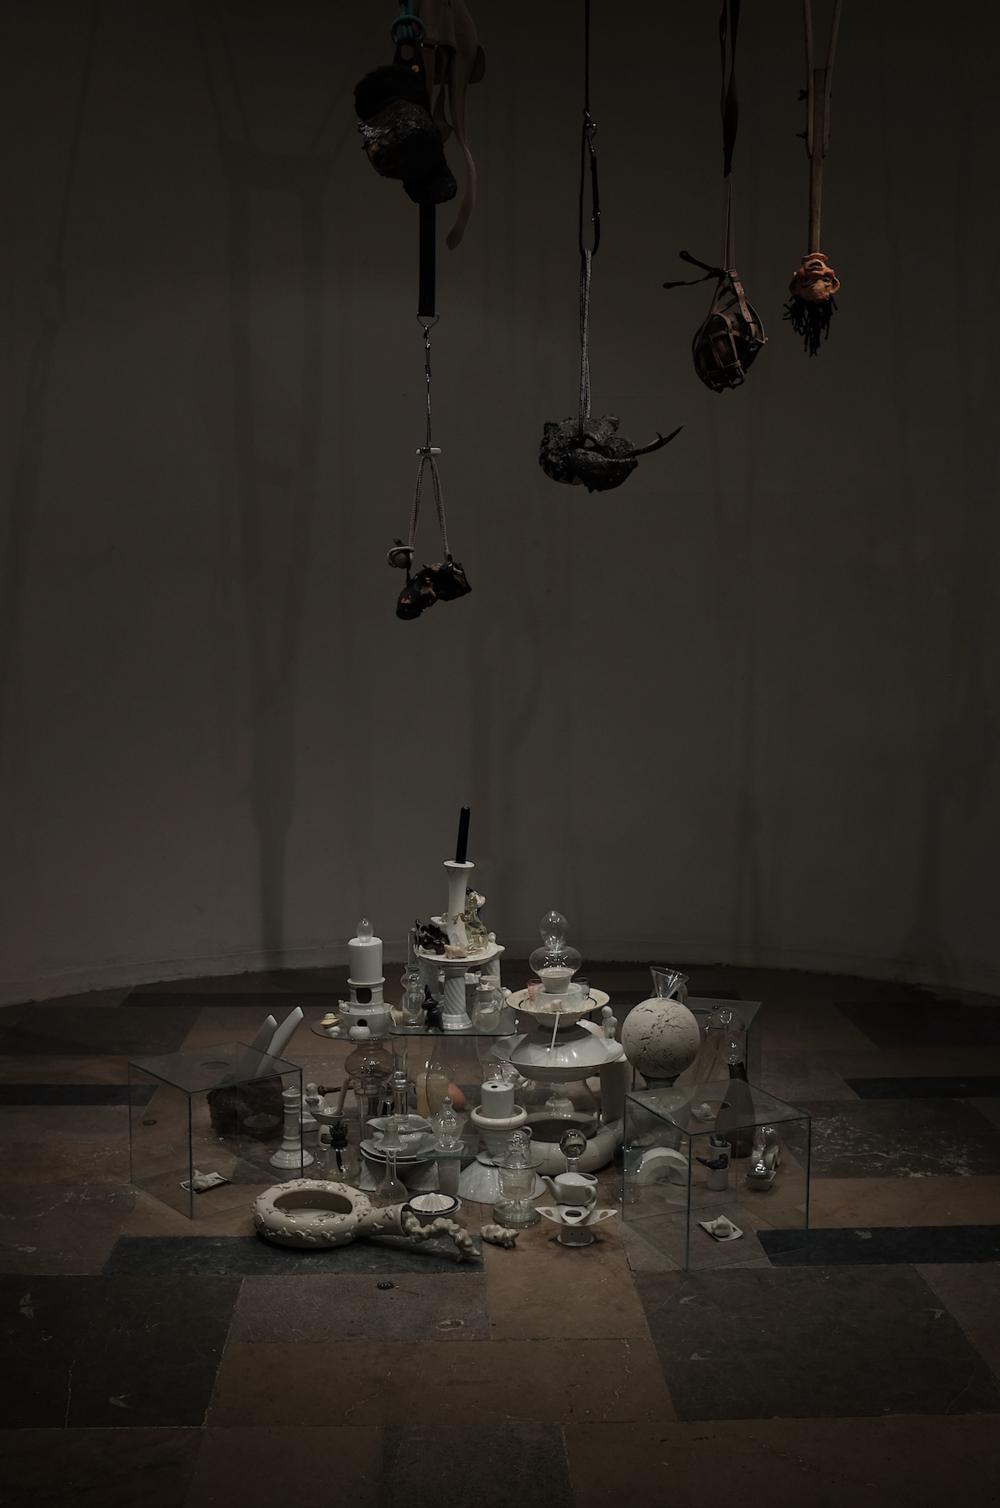 Фото з проєкту «З цього можна було б зробити виставку», червень 2019 рік, Познань